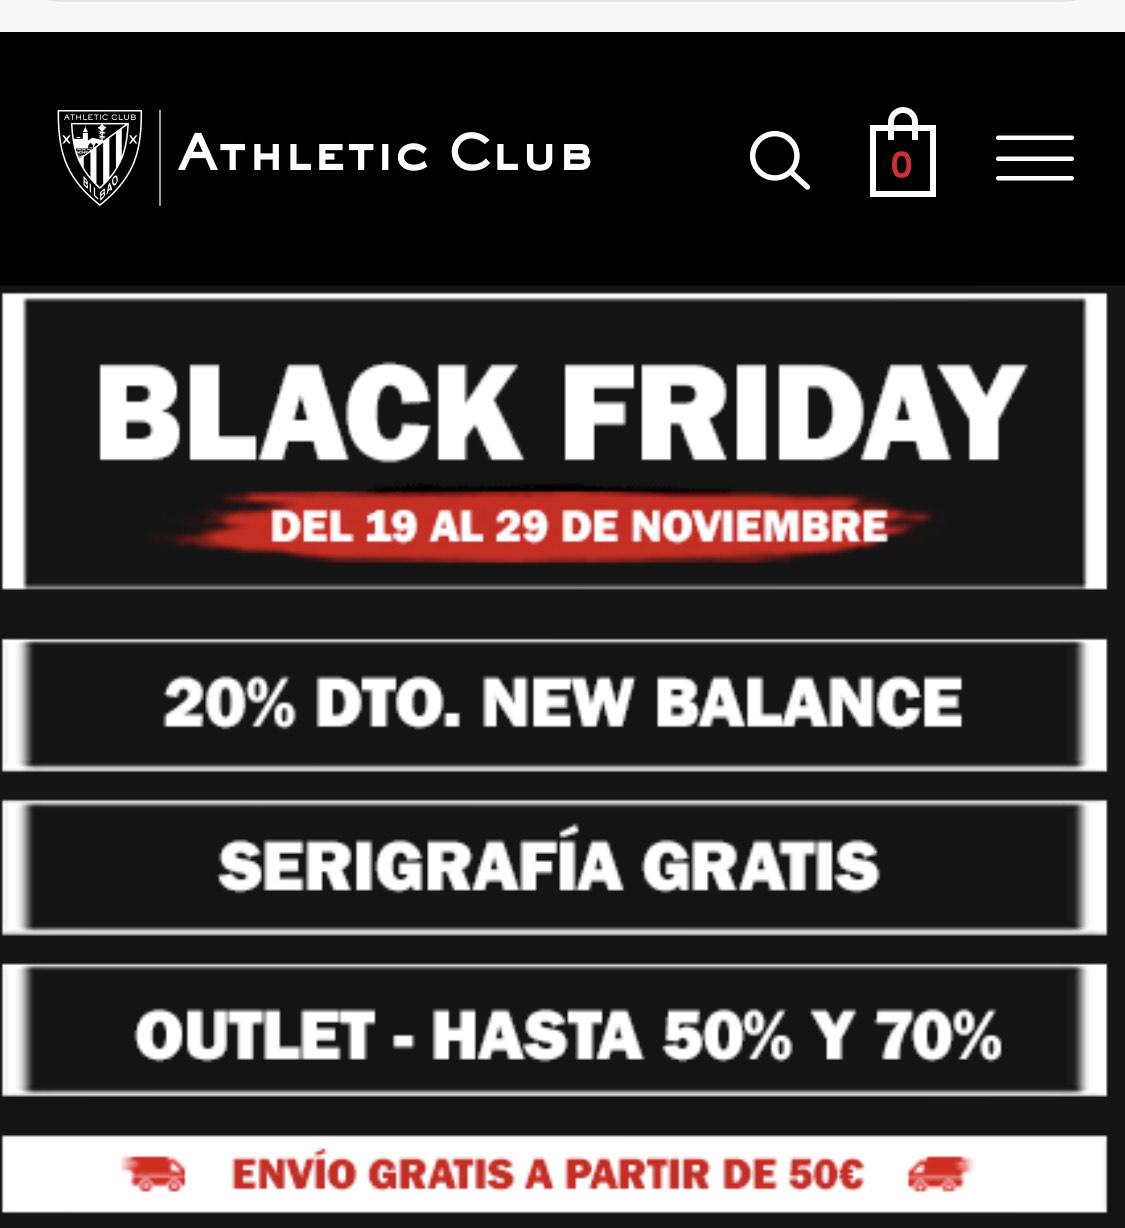 Black Friday Athletic Club